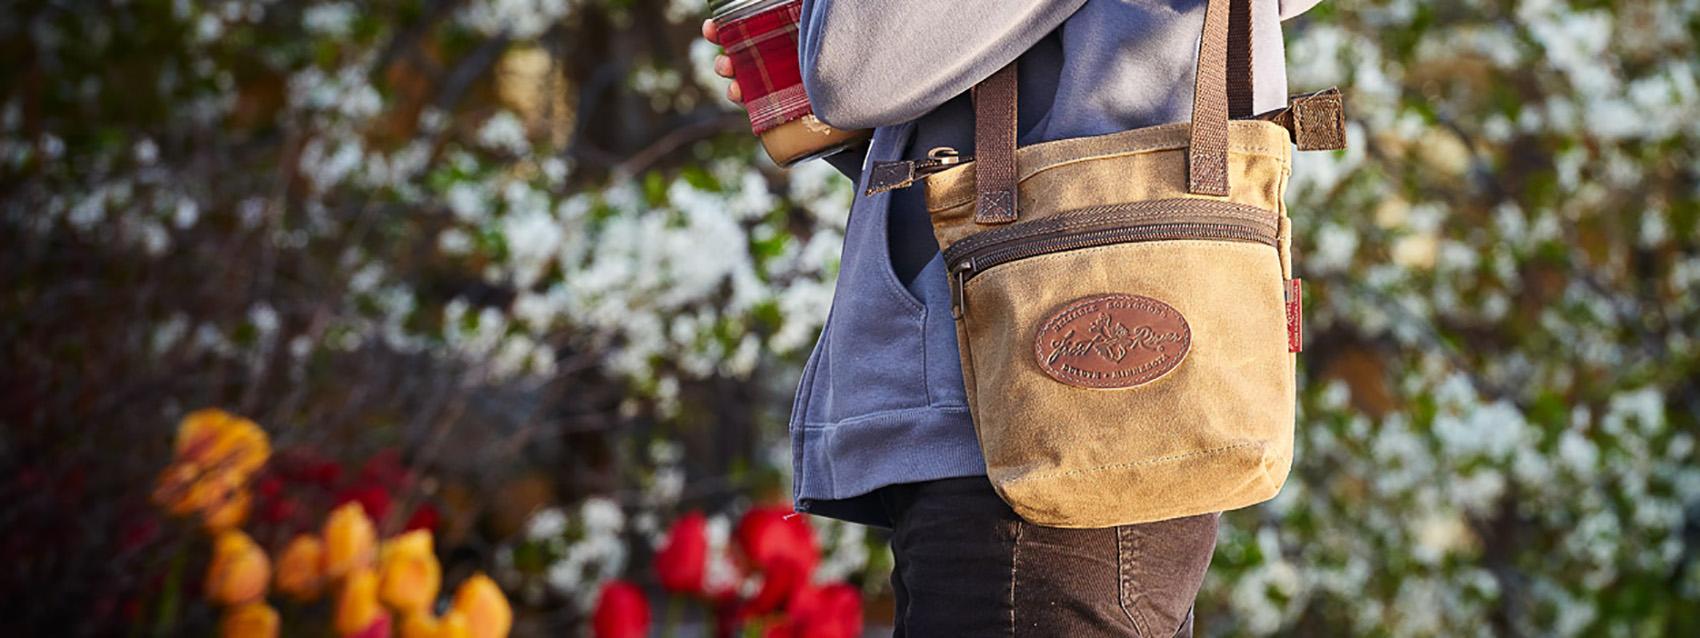 shoulder-bag-banner-150520-frost-river-355.jpg